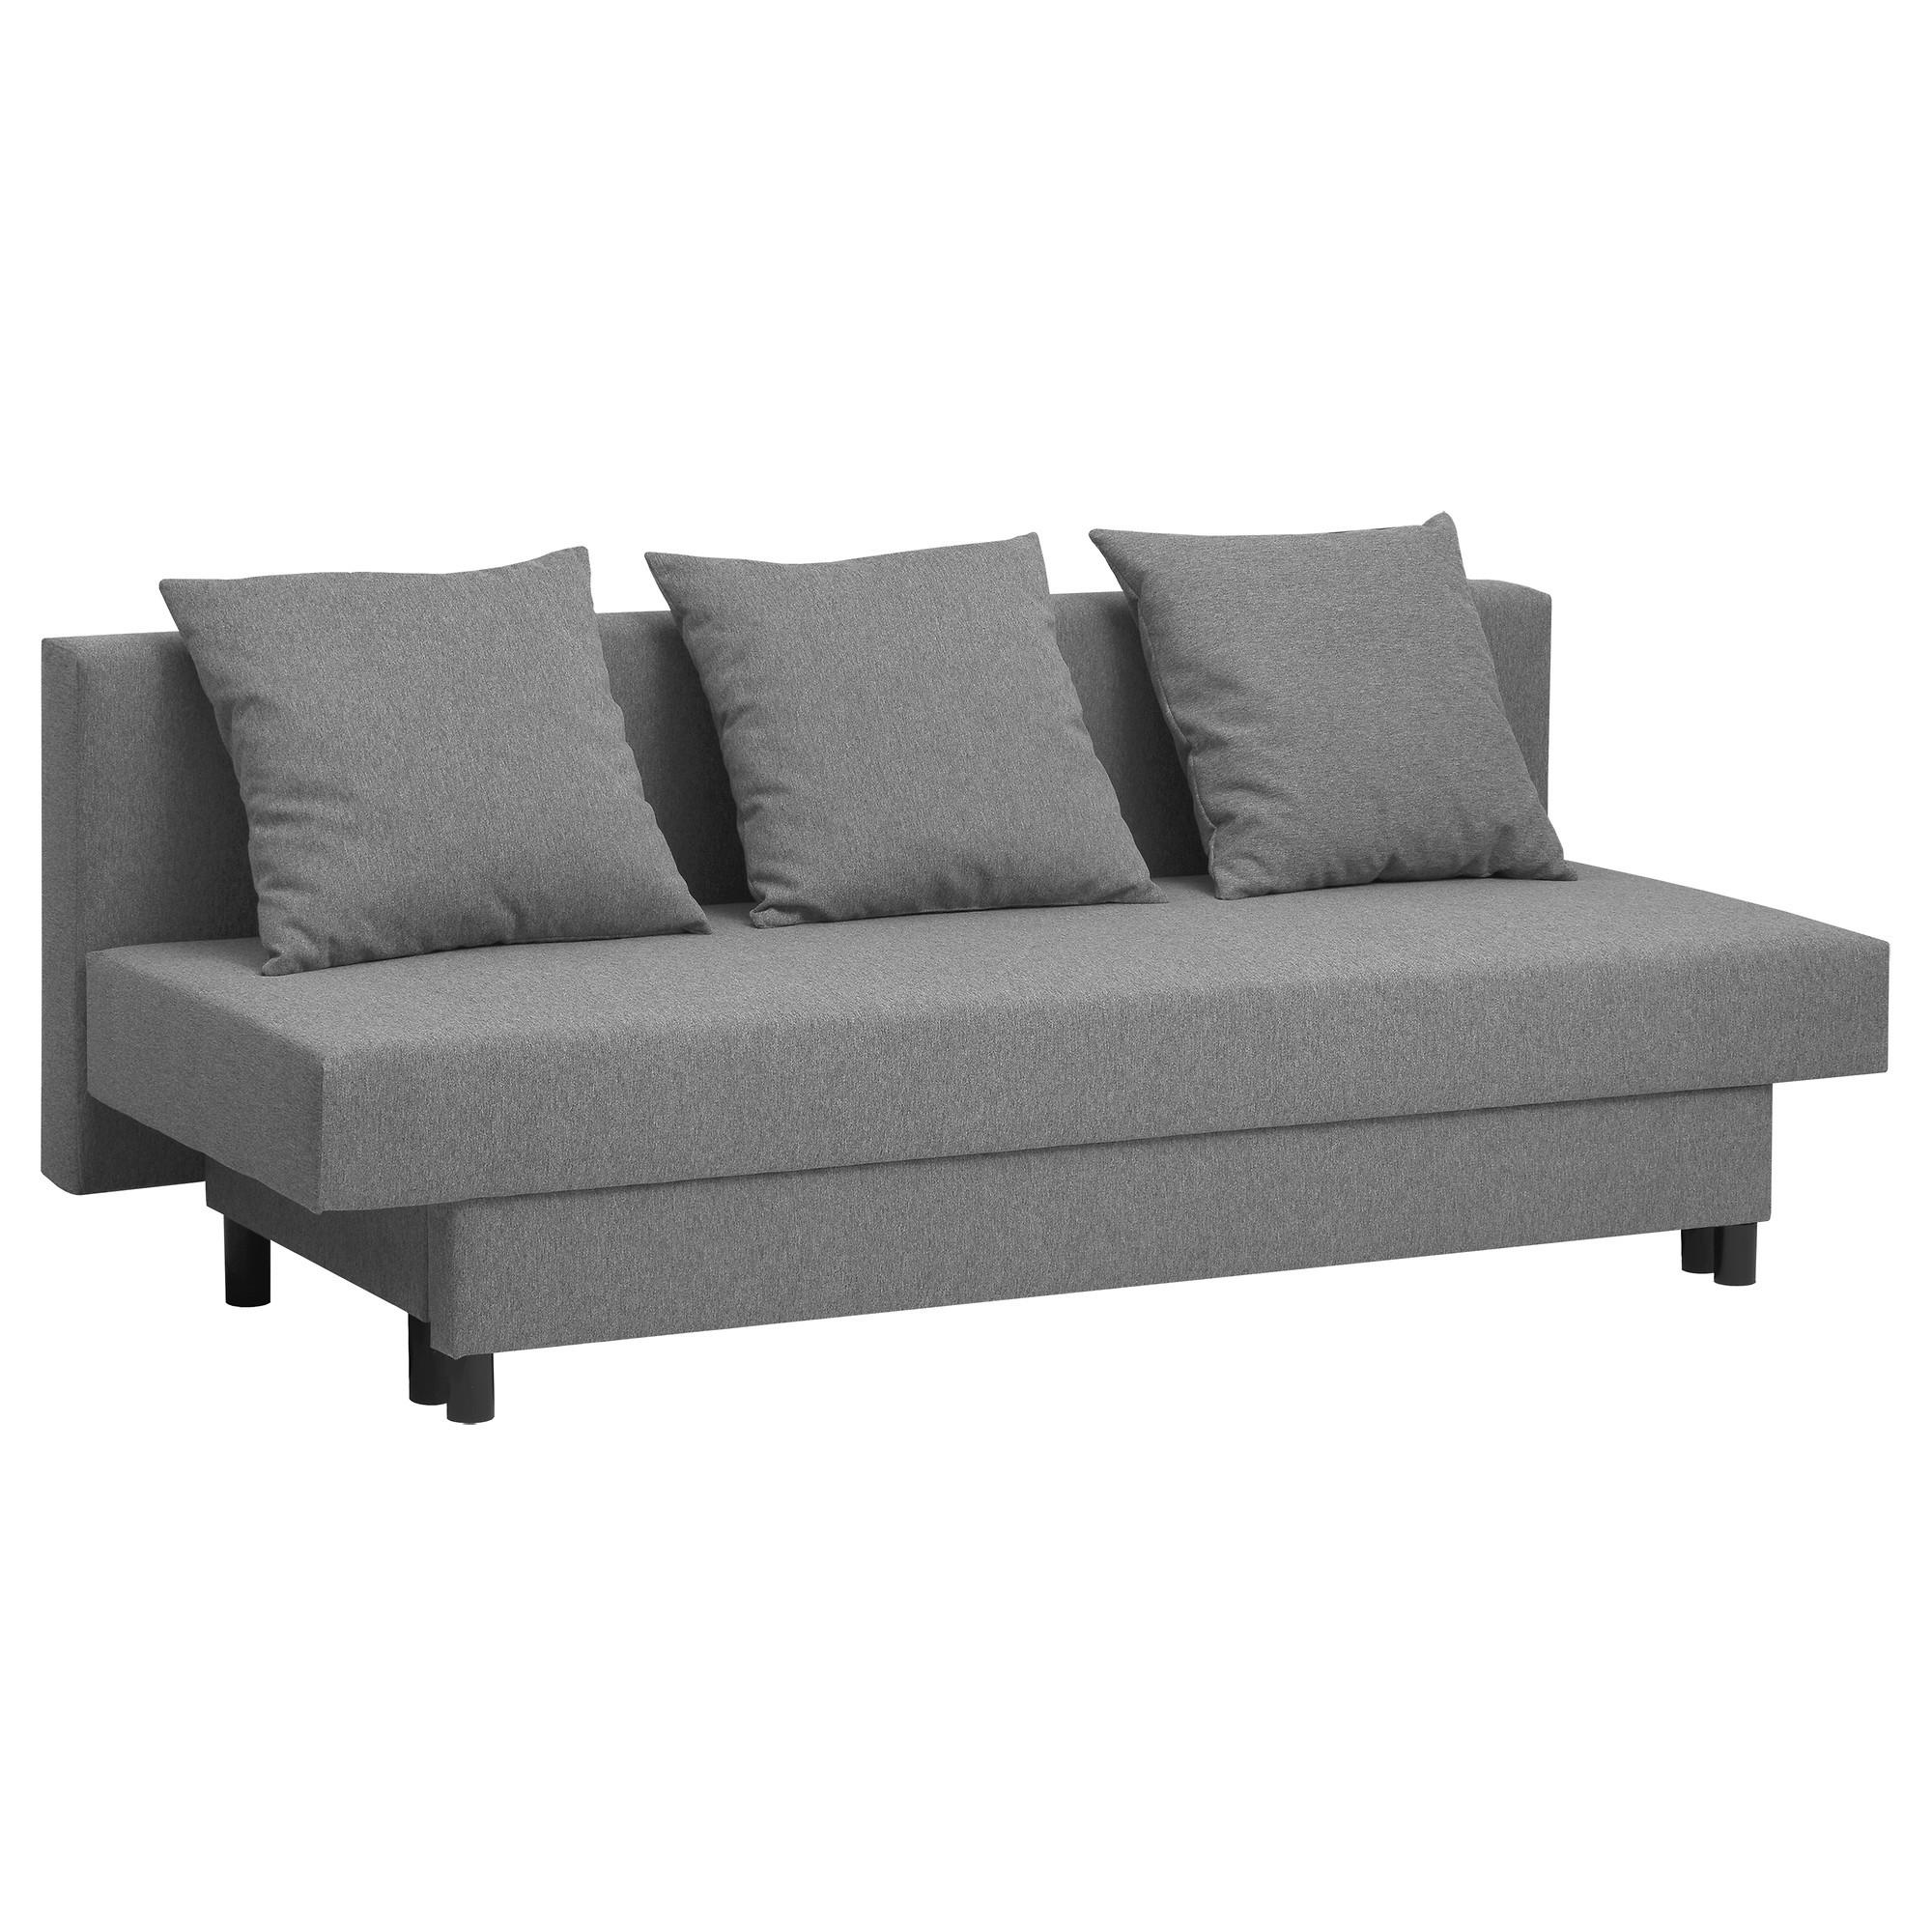 Canapé Couchage Quotidien Ikea